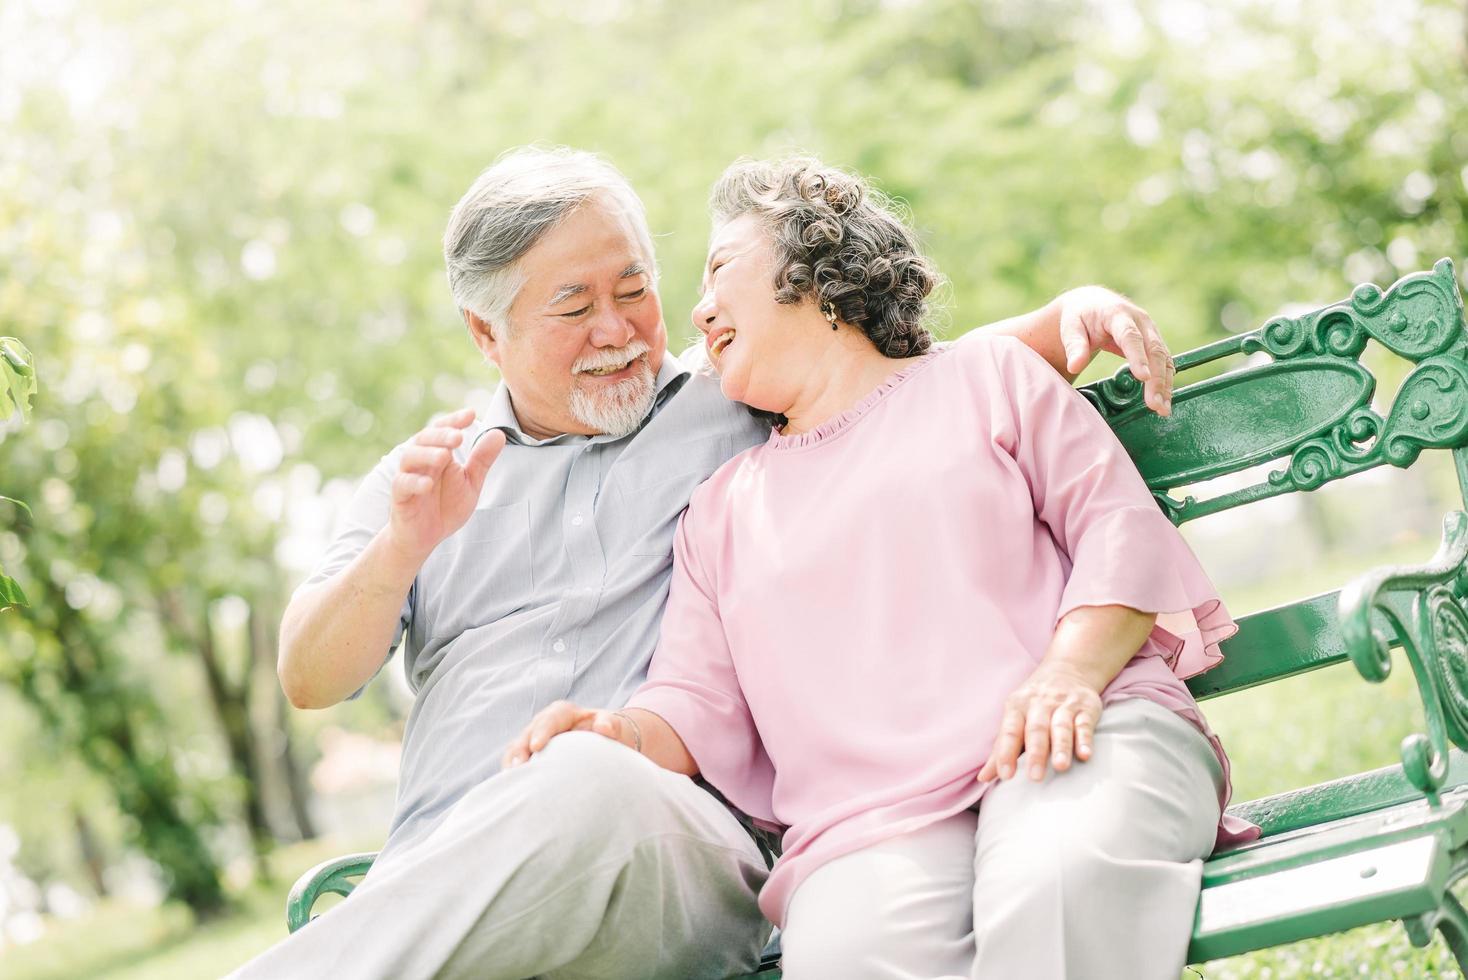 feliz casal sênior se divertindo no parque foto